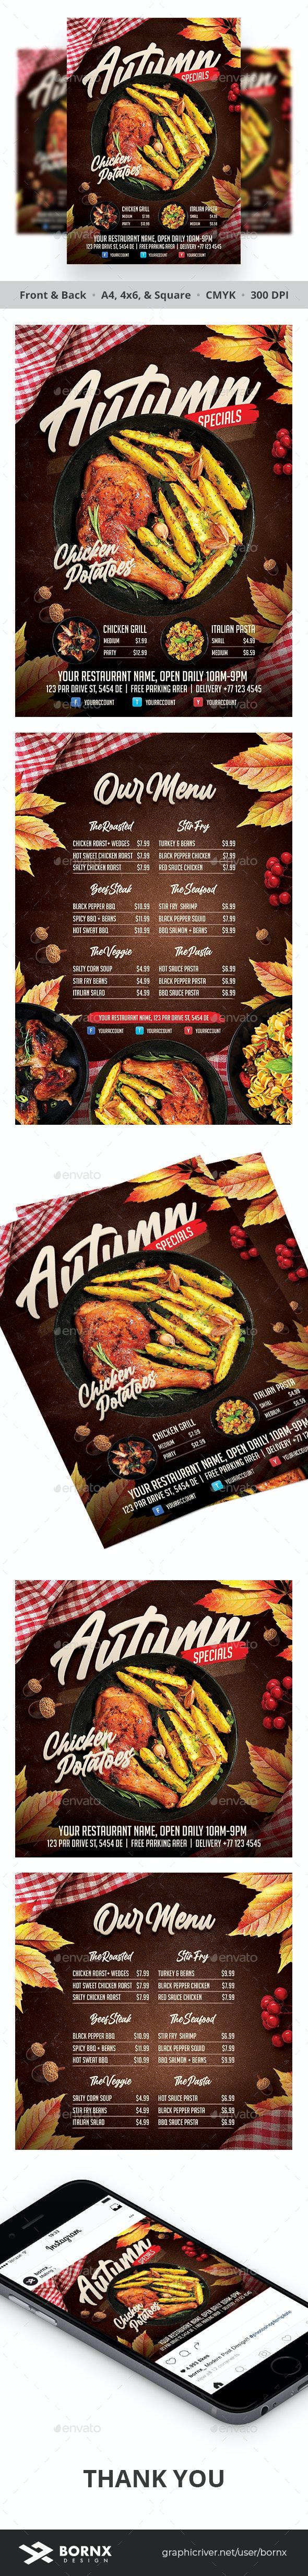 Autumn Menu Flyer - Restaurant Flyers